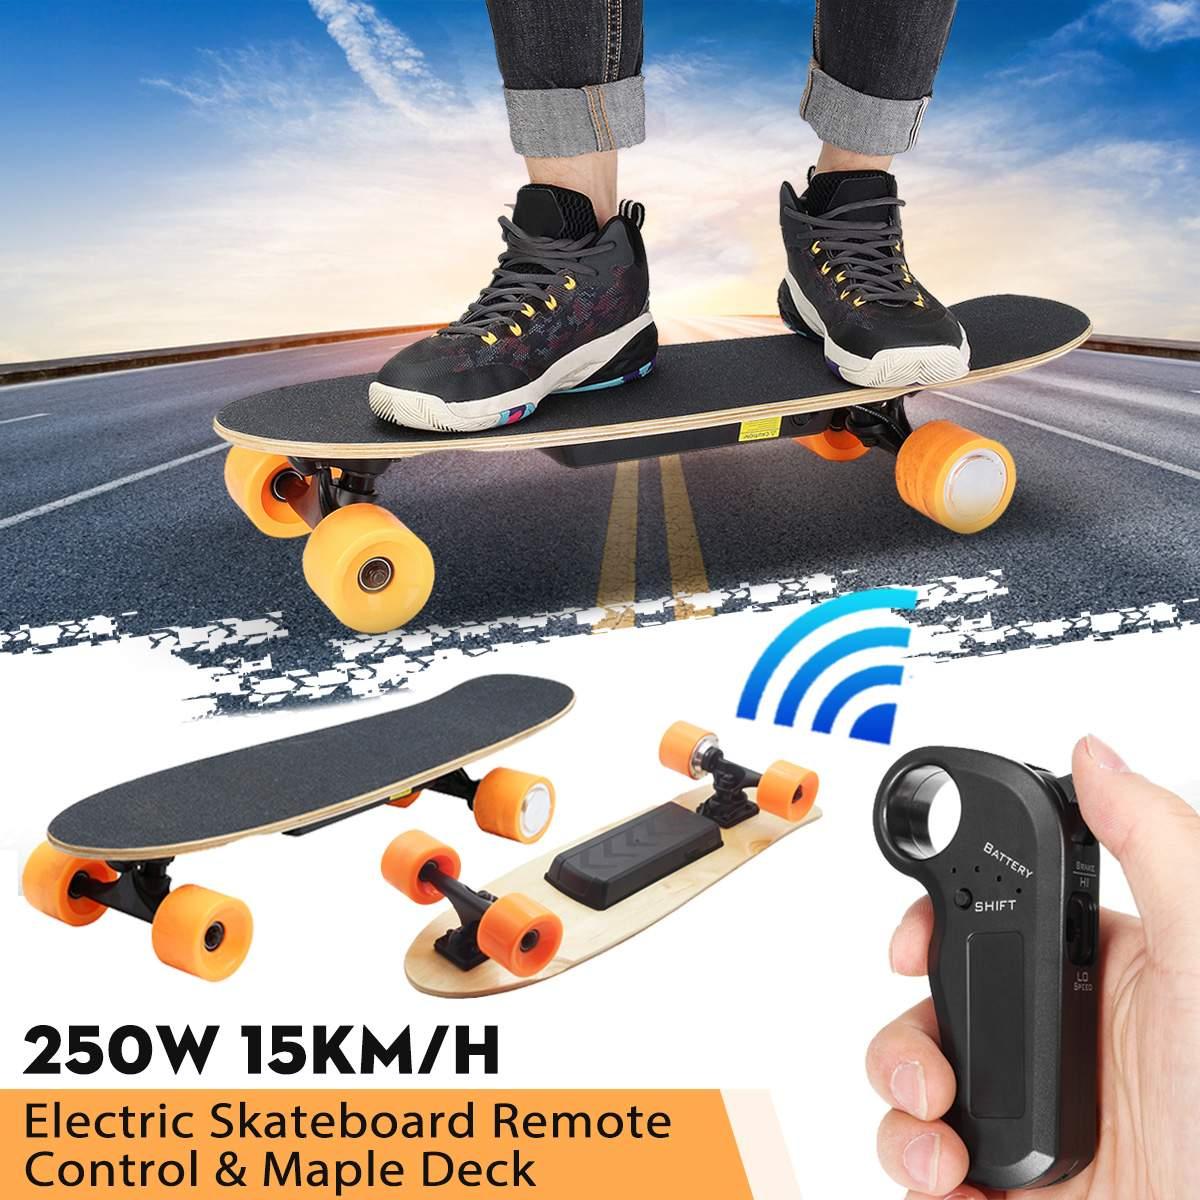 Planche à roulettes électrique à quatre roues Longboard planche à roulettes érable pont sans fil télécommande roues de planche à roulettes pour enfants adultes